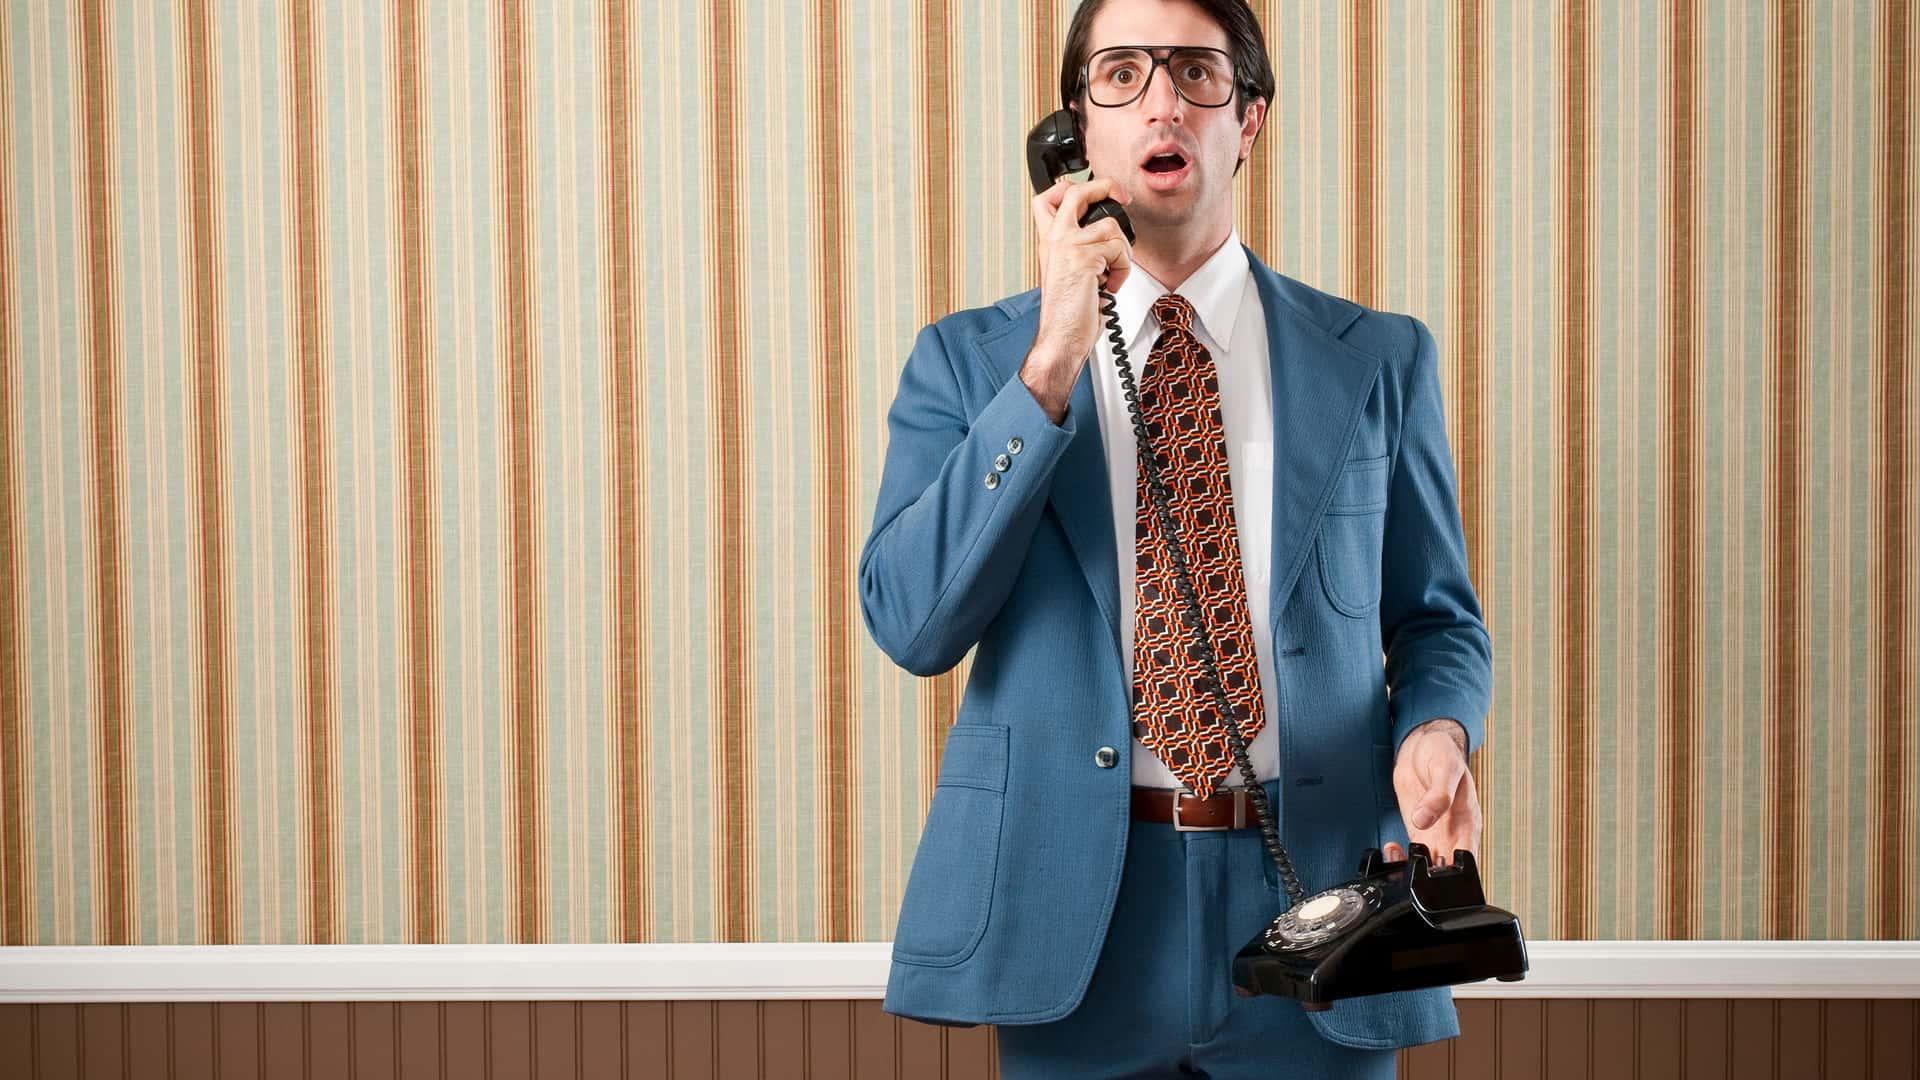 Teléfono fijo: ¿Qué ventajas y desventajas tiene?